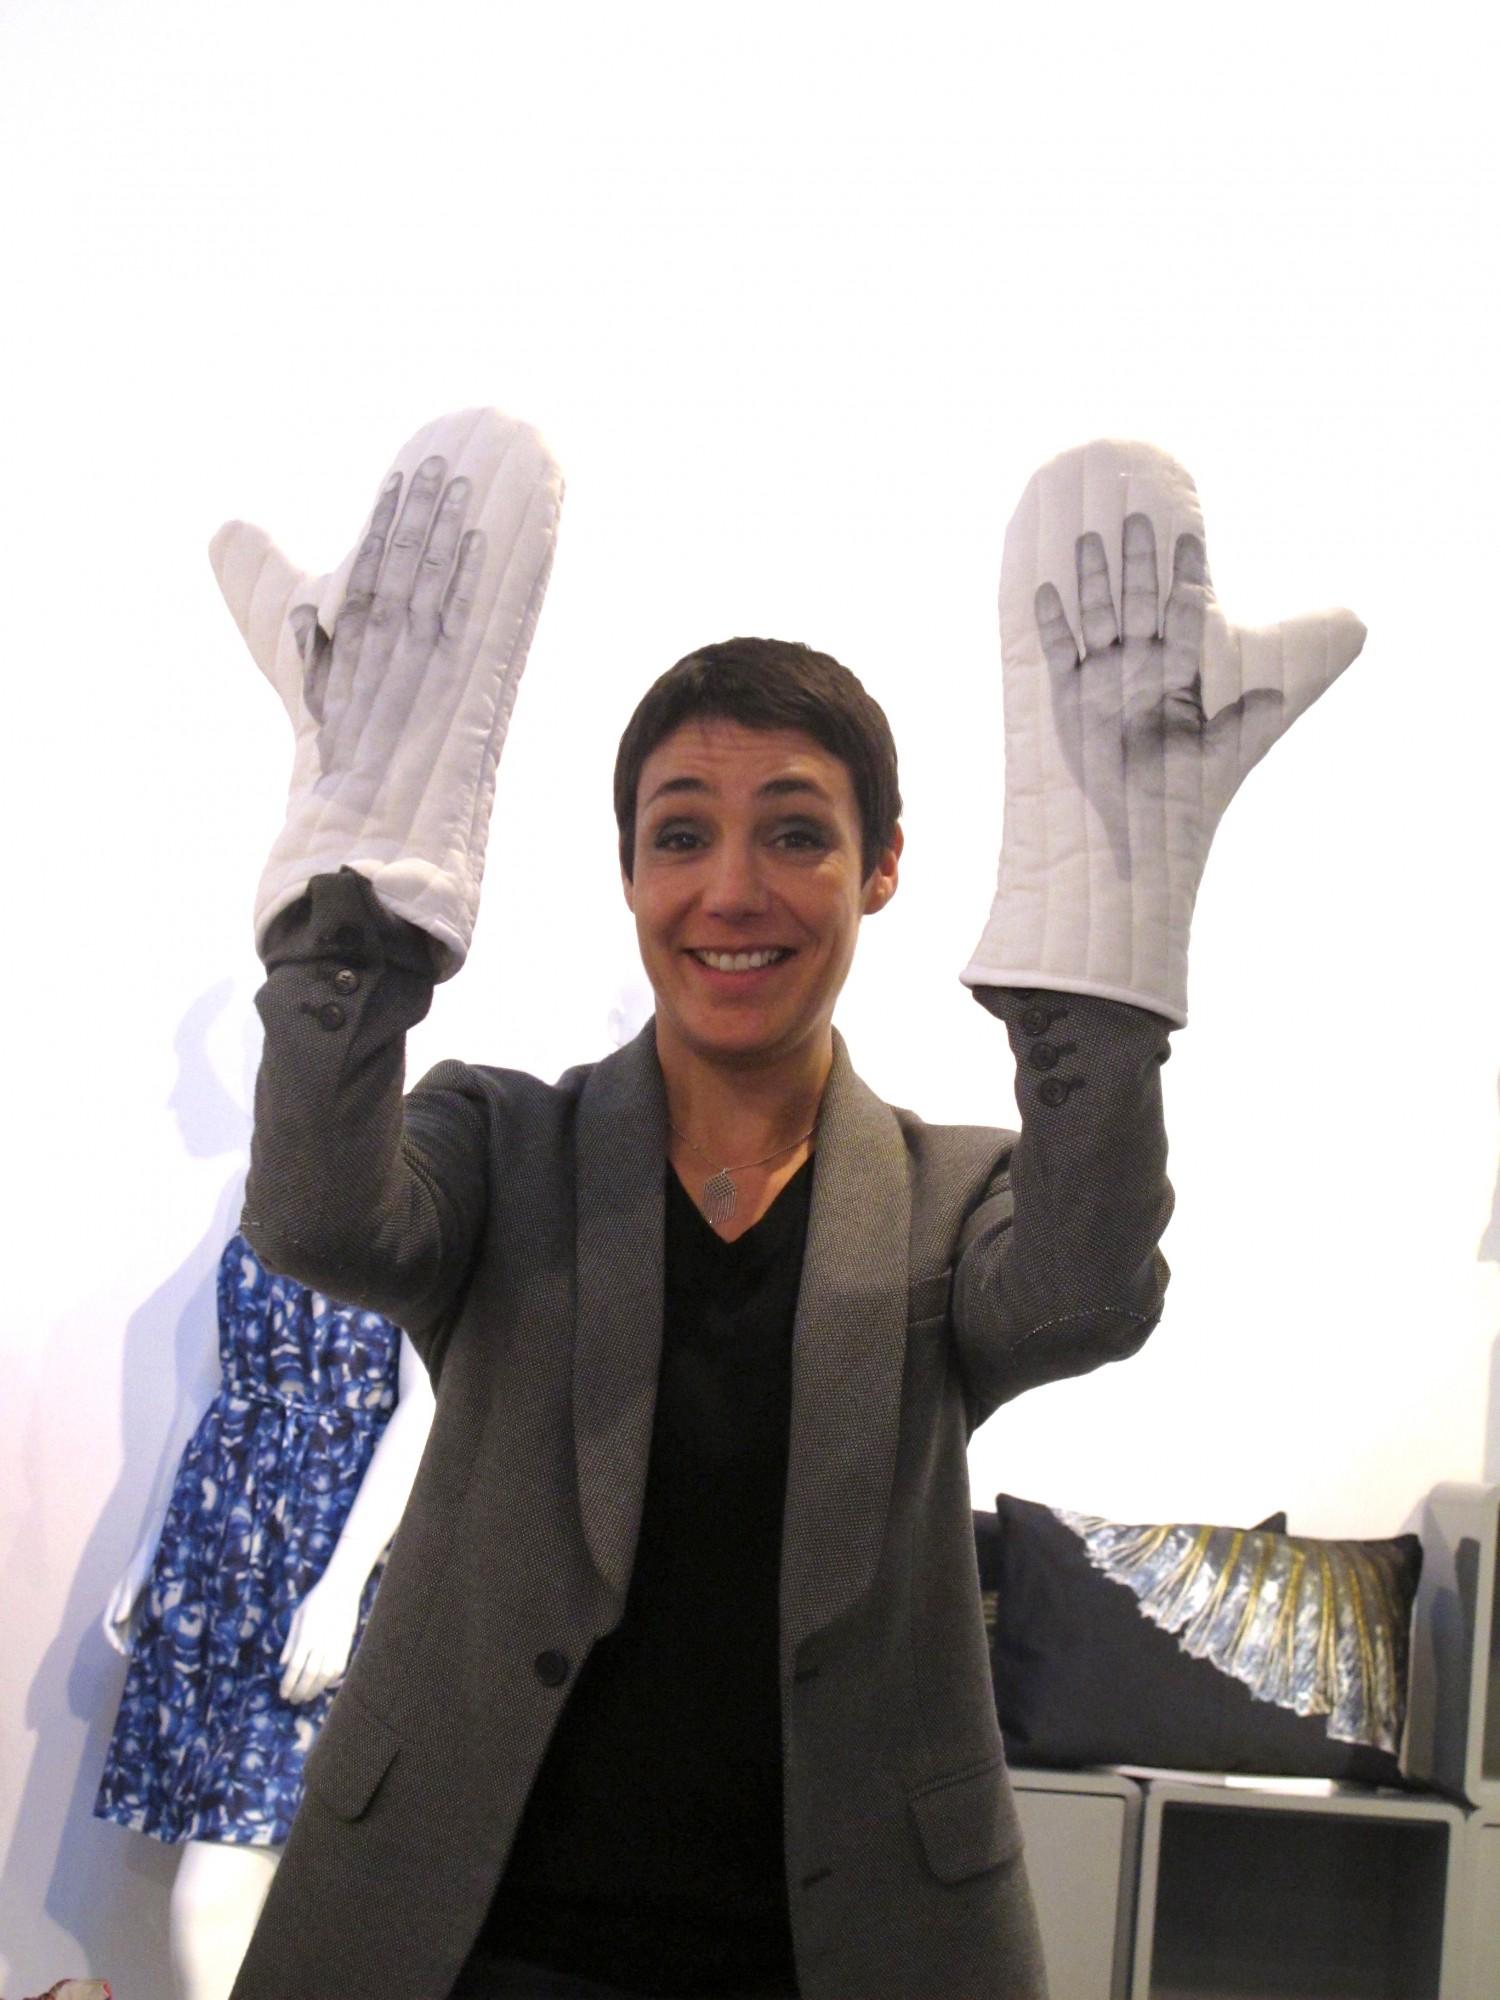 les mains du chef Thierry Marx par MAthilde de l'Ecotais 3 SUISSES